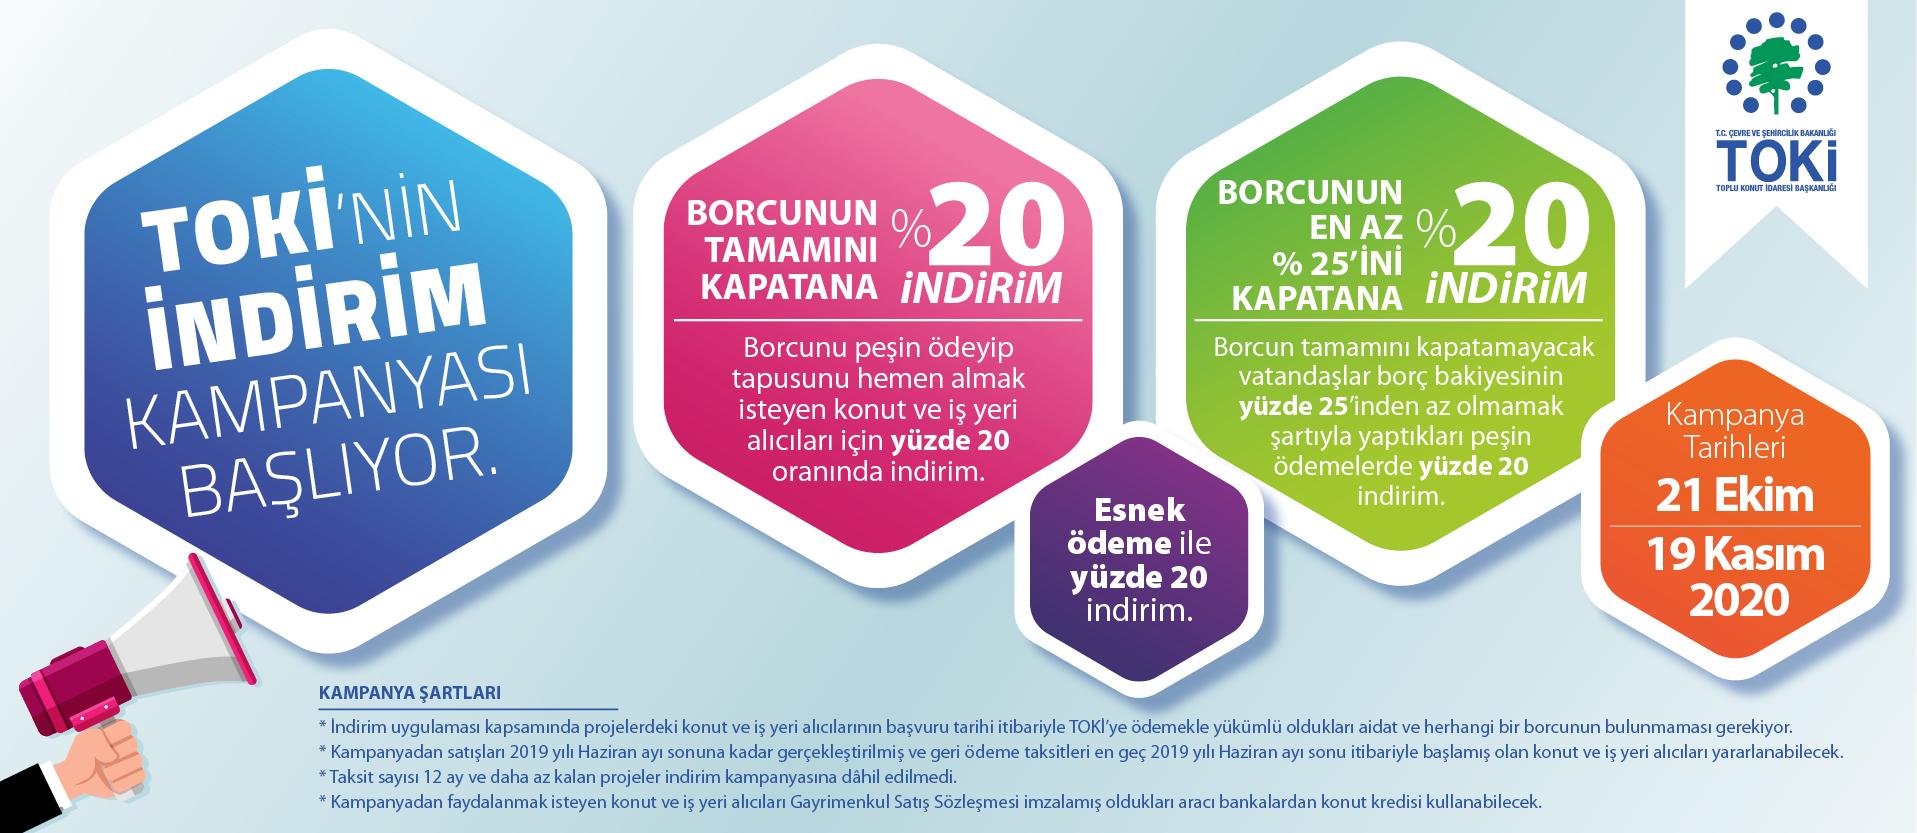 TOKİ'nin ikinci indirim kampanyası 21 Ekim'de başlıyor